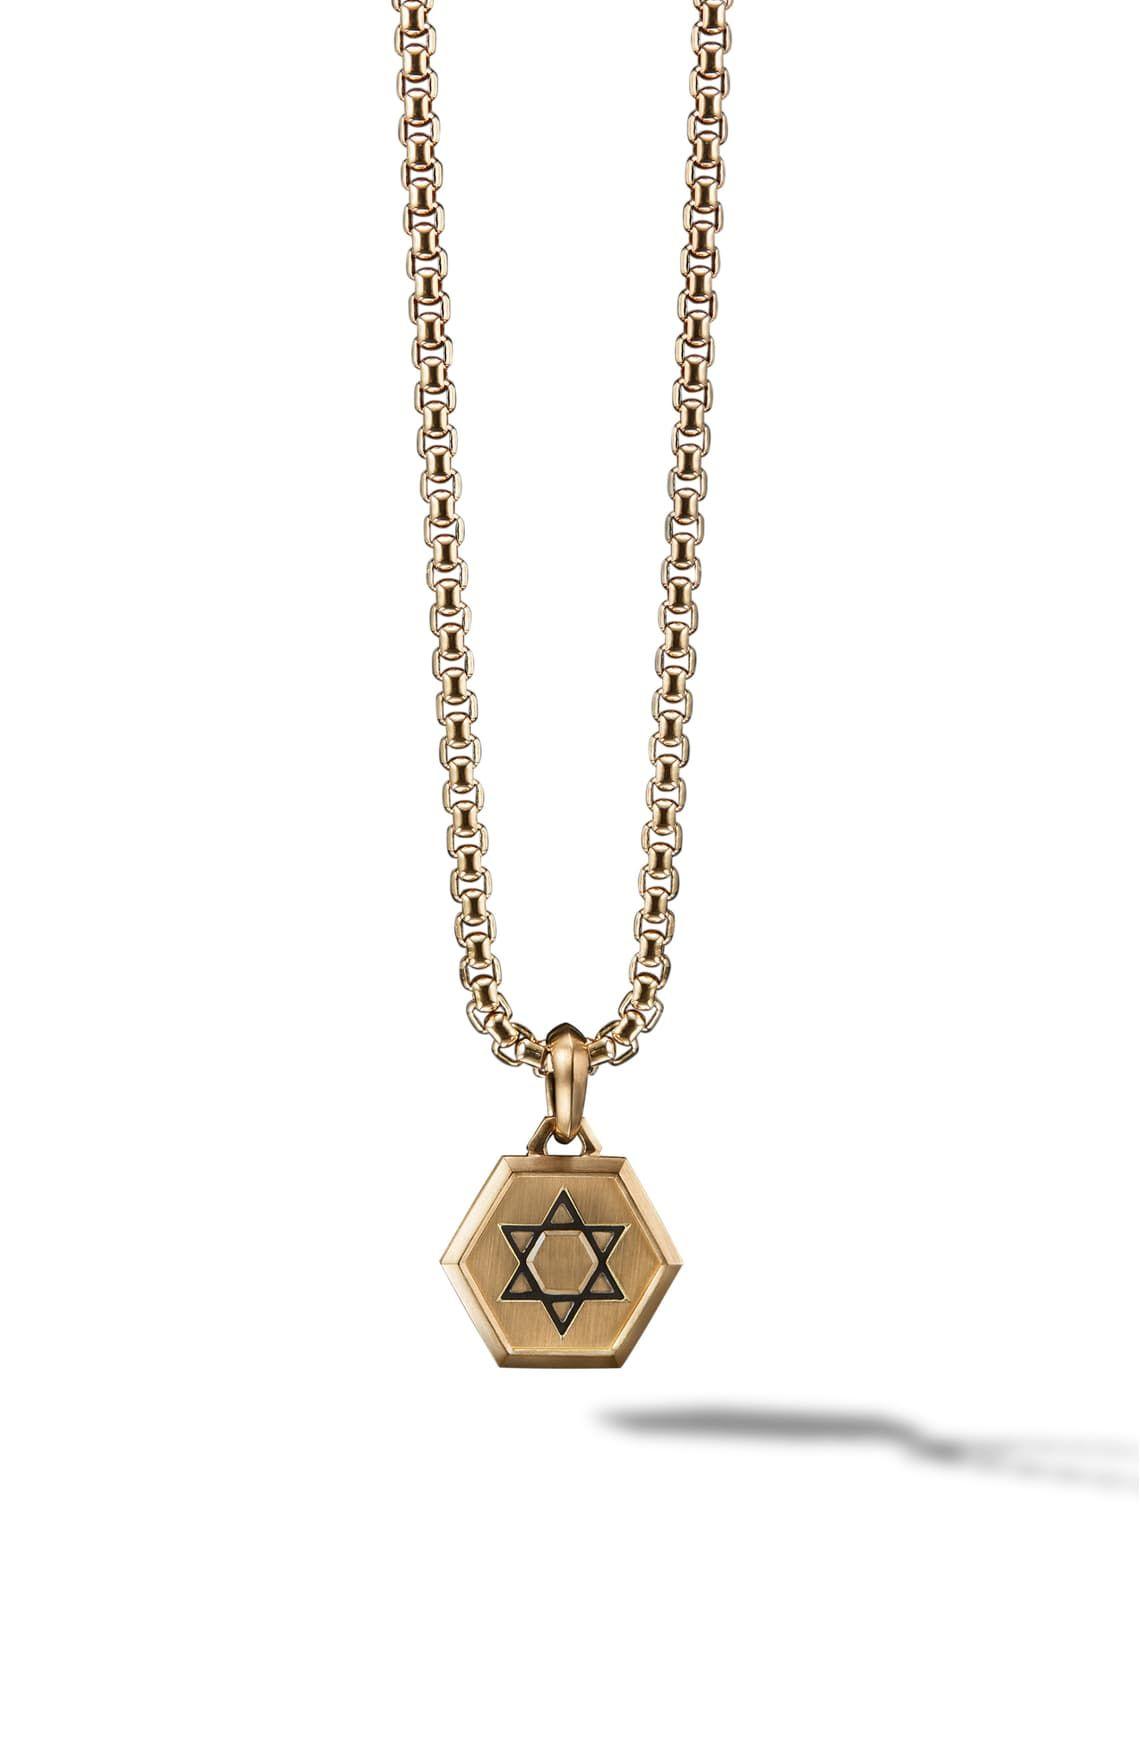 David Yurman Star Of David 18k Gold Amulet Enhancer Nordstrom With Images 18k Gold Necklace Star Of David Amulet